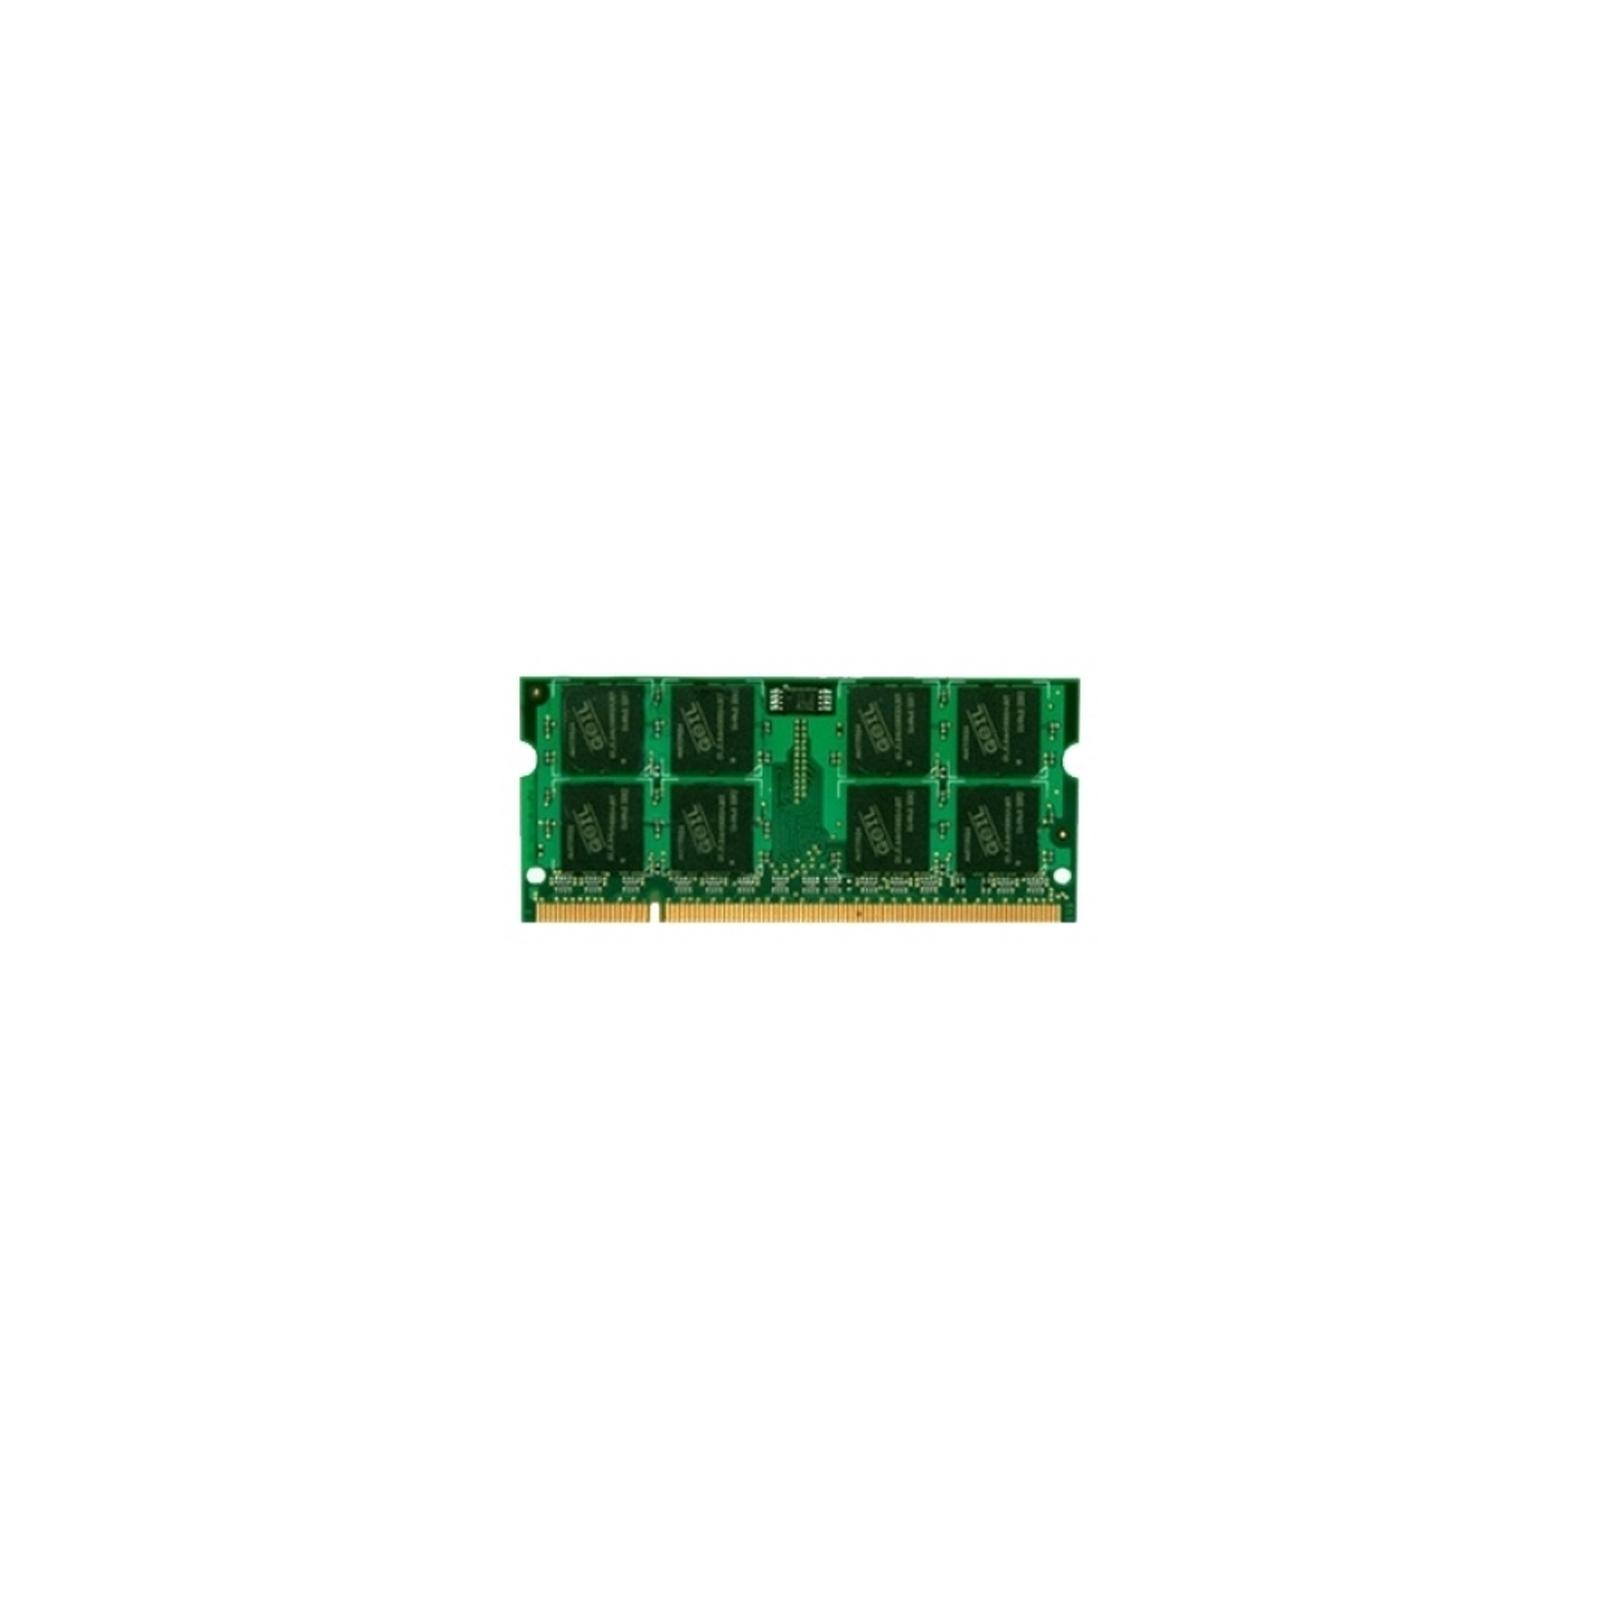 Модуль памяти для ноутбука SoDIMM DDR3 8GB 1333 MHz GEIL (GS38GB1333C9SC / GS38GB1333C9S)